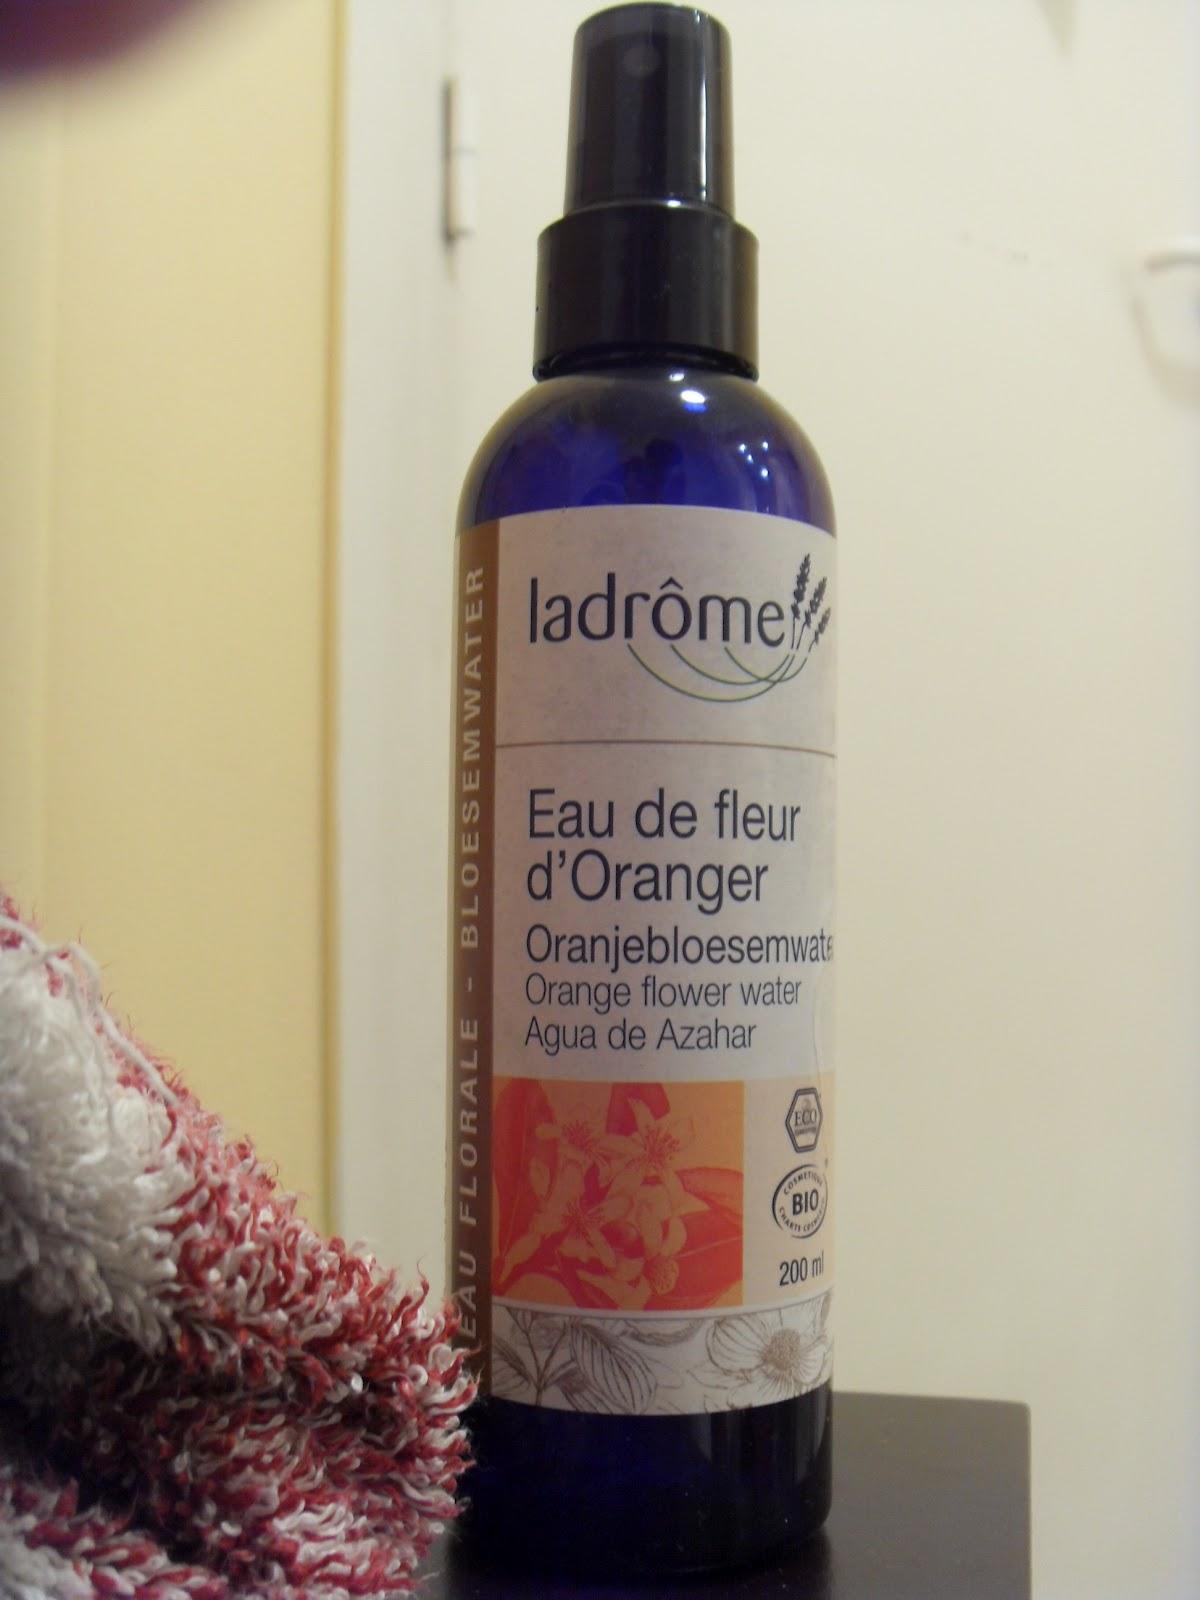 beauté bio: hydrolats de rose de damas et à la fleur d'oranger